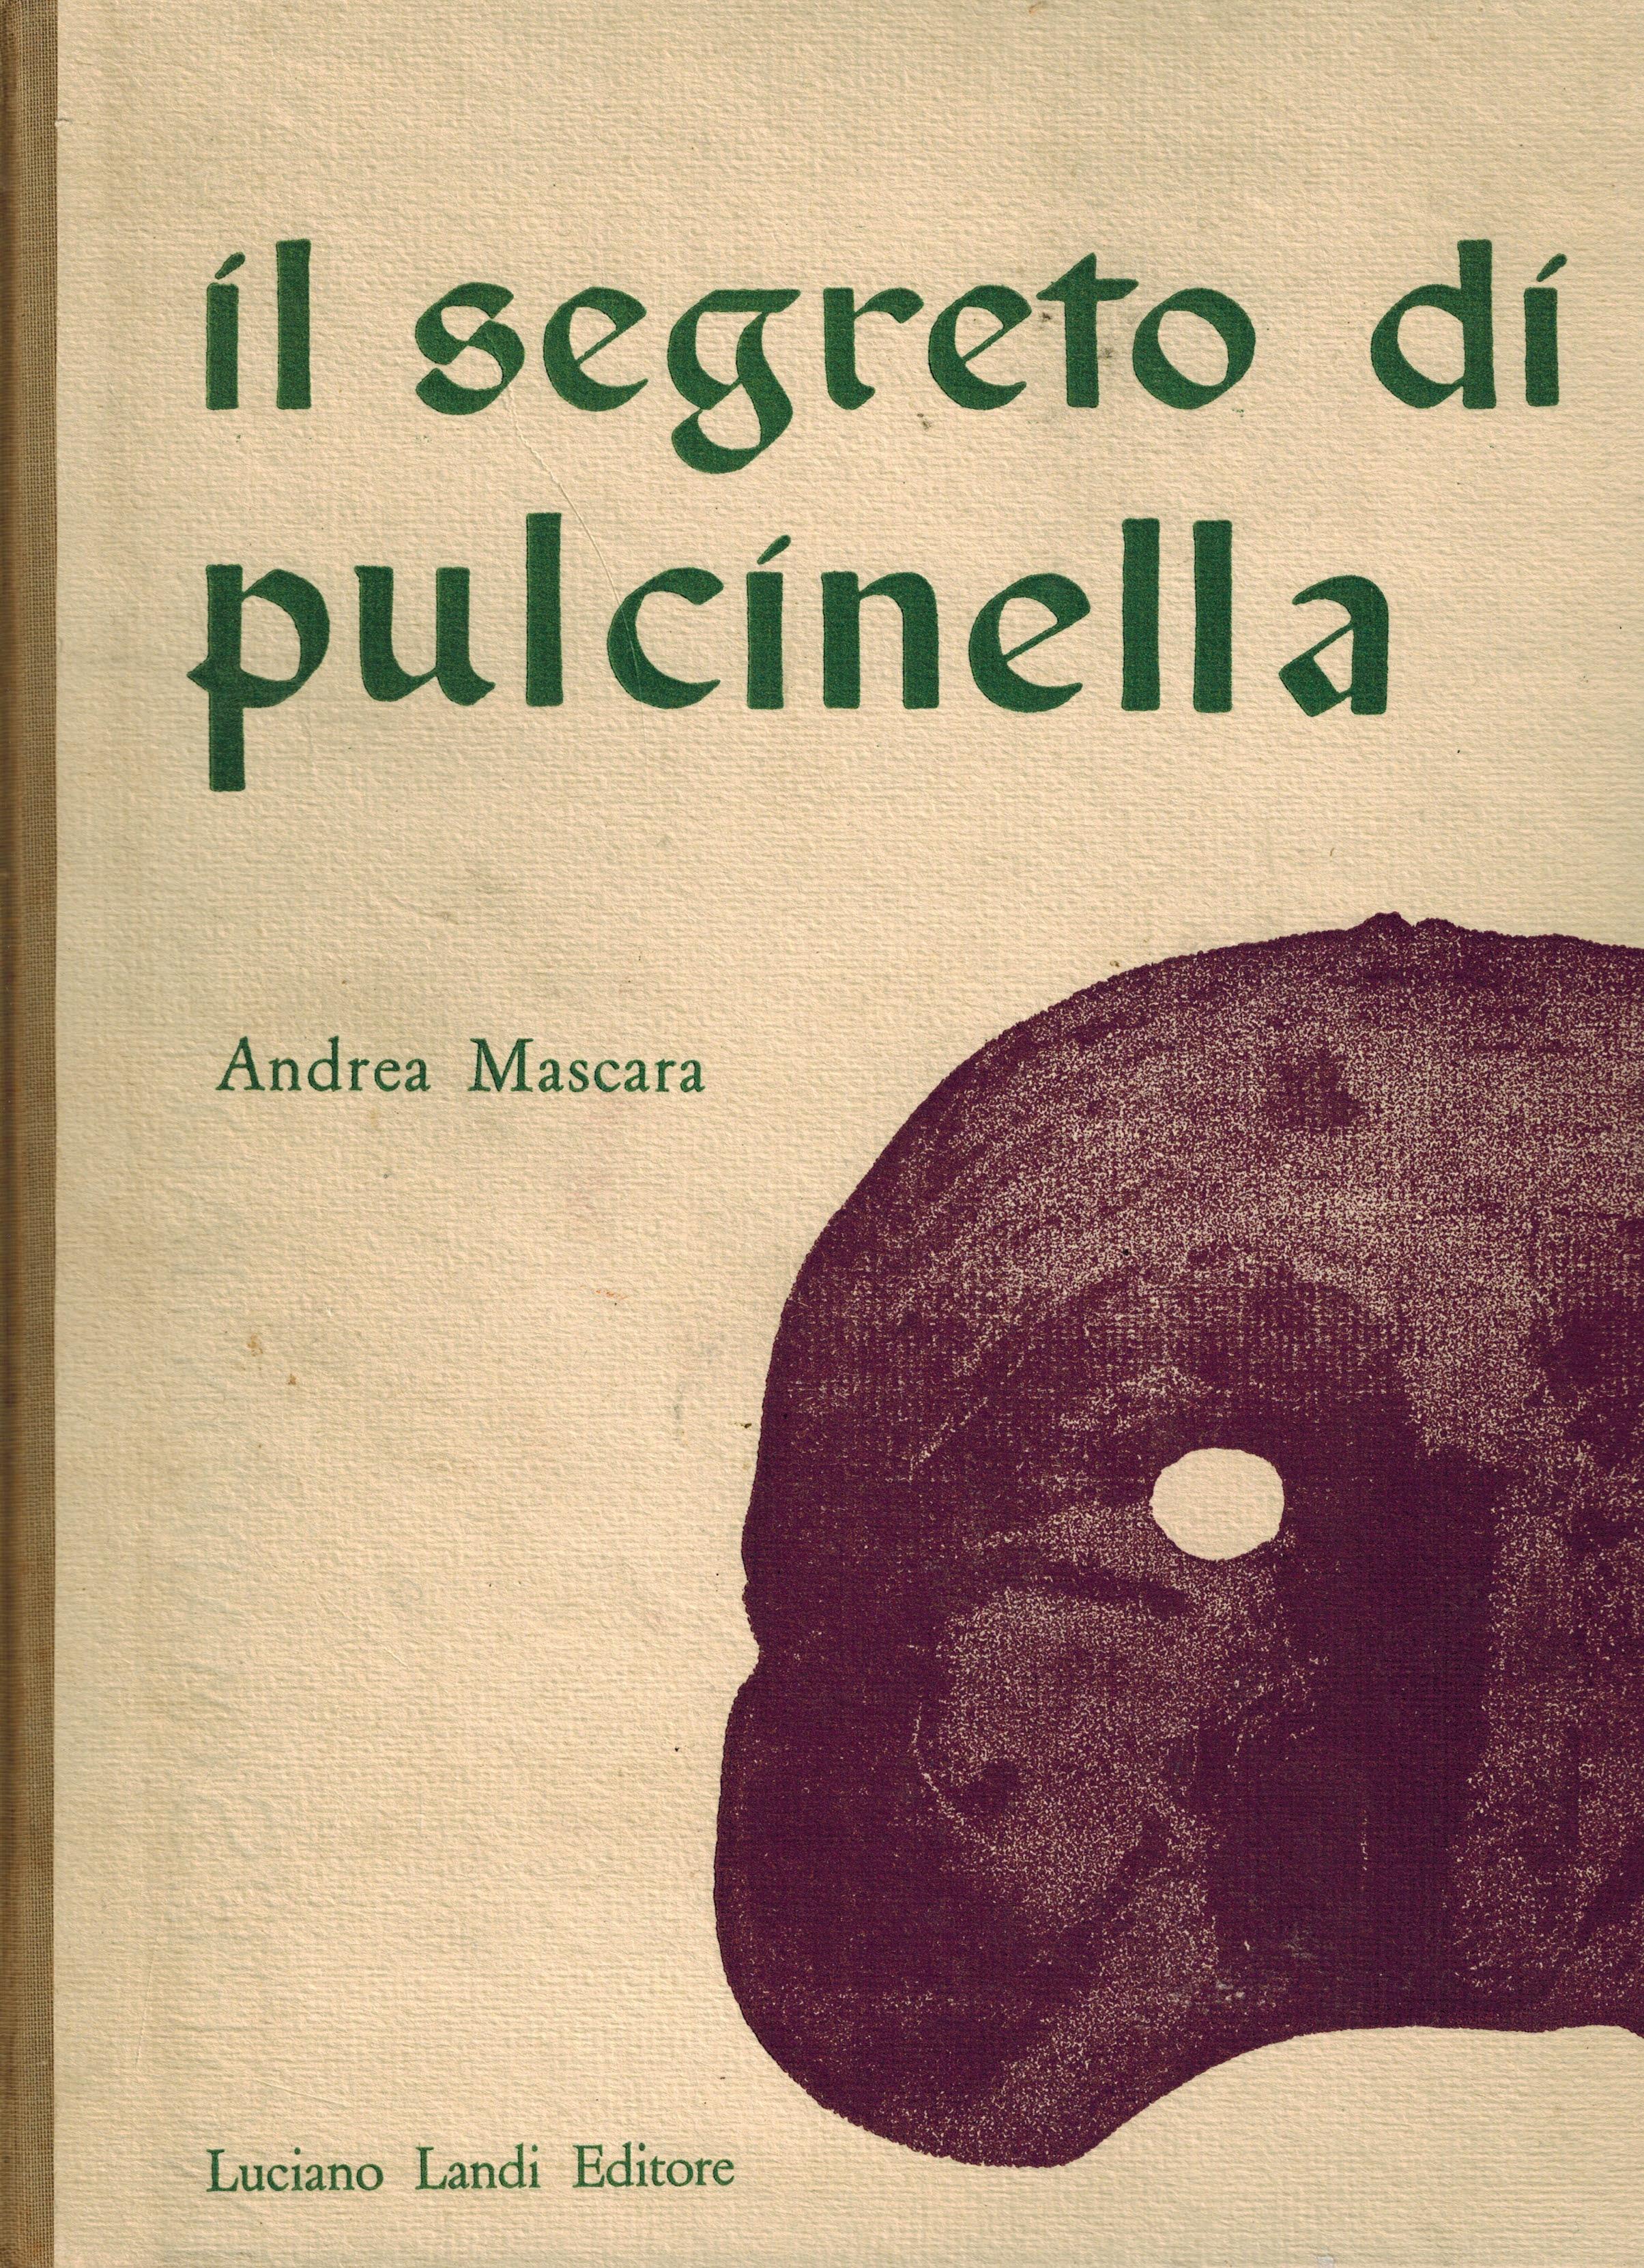 prezzo competitivo bambino la vendita di scarpe Il segreto di Pulcinella - Studio Bibliografico Michelotti